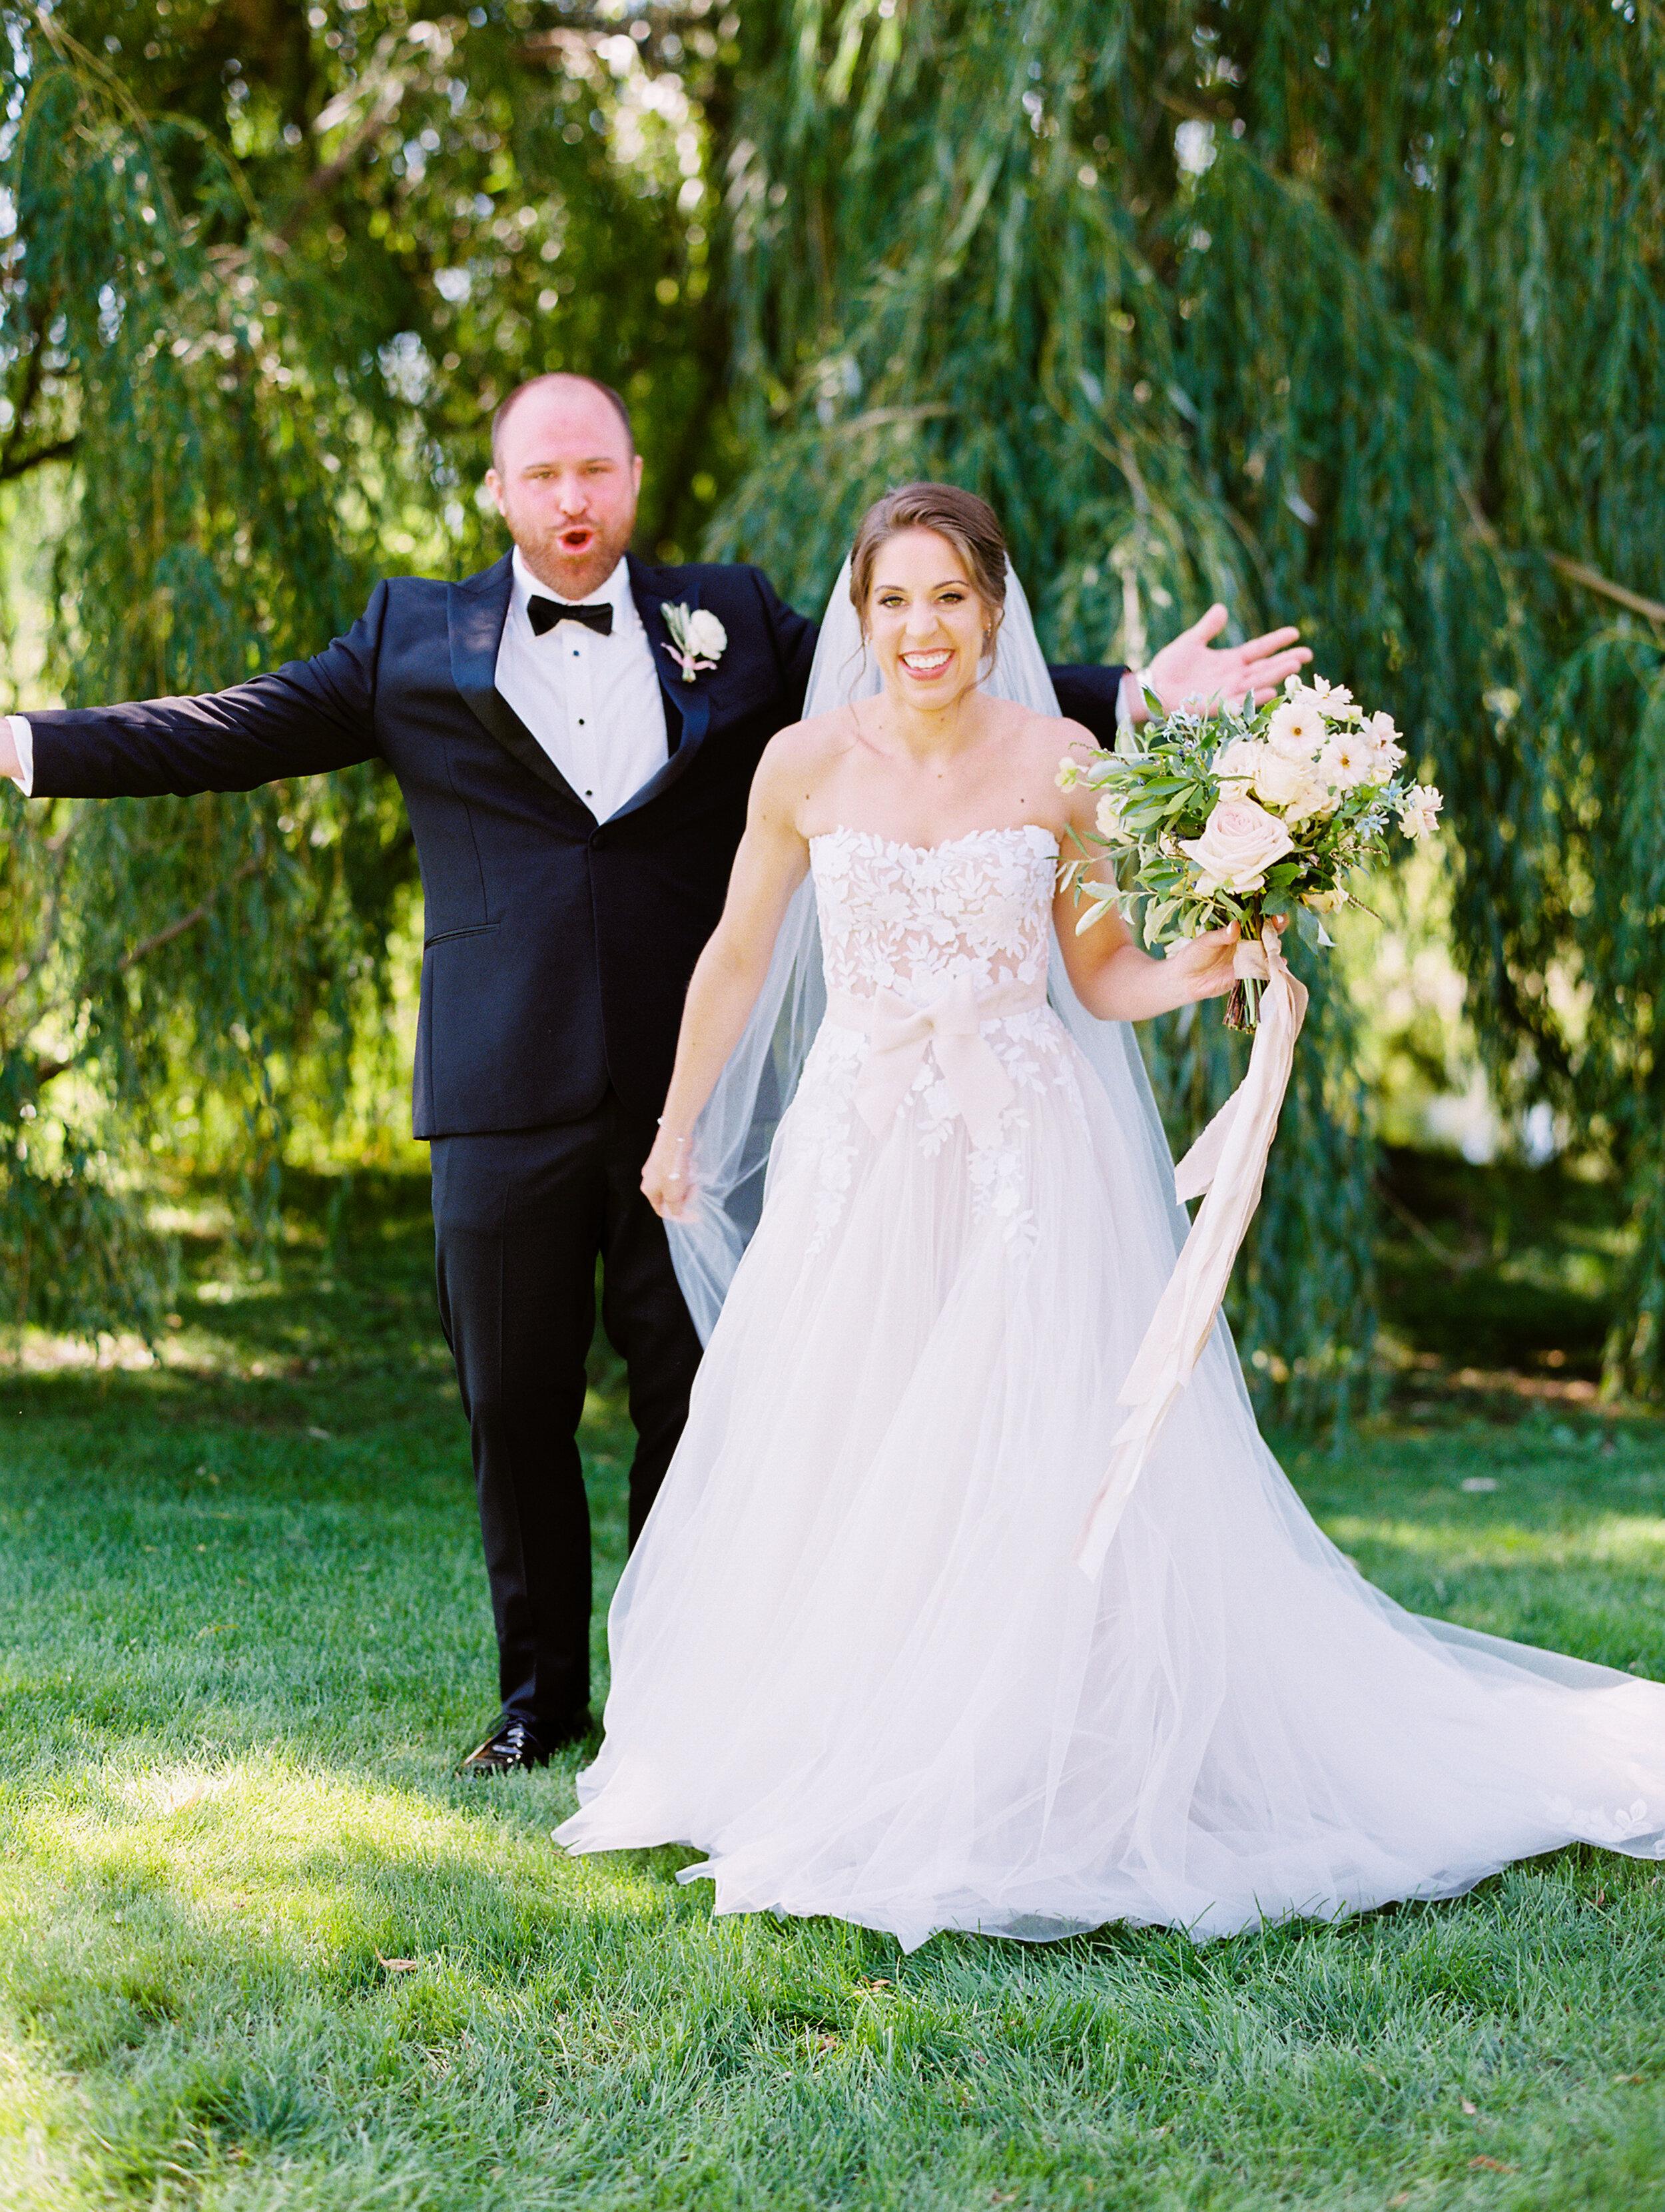 Steinlage+Wedding+First+Look-39.jpg